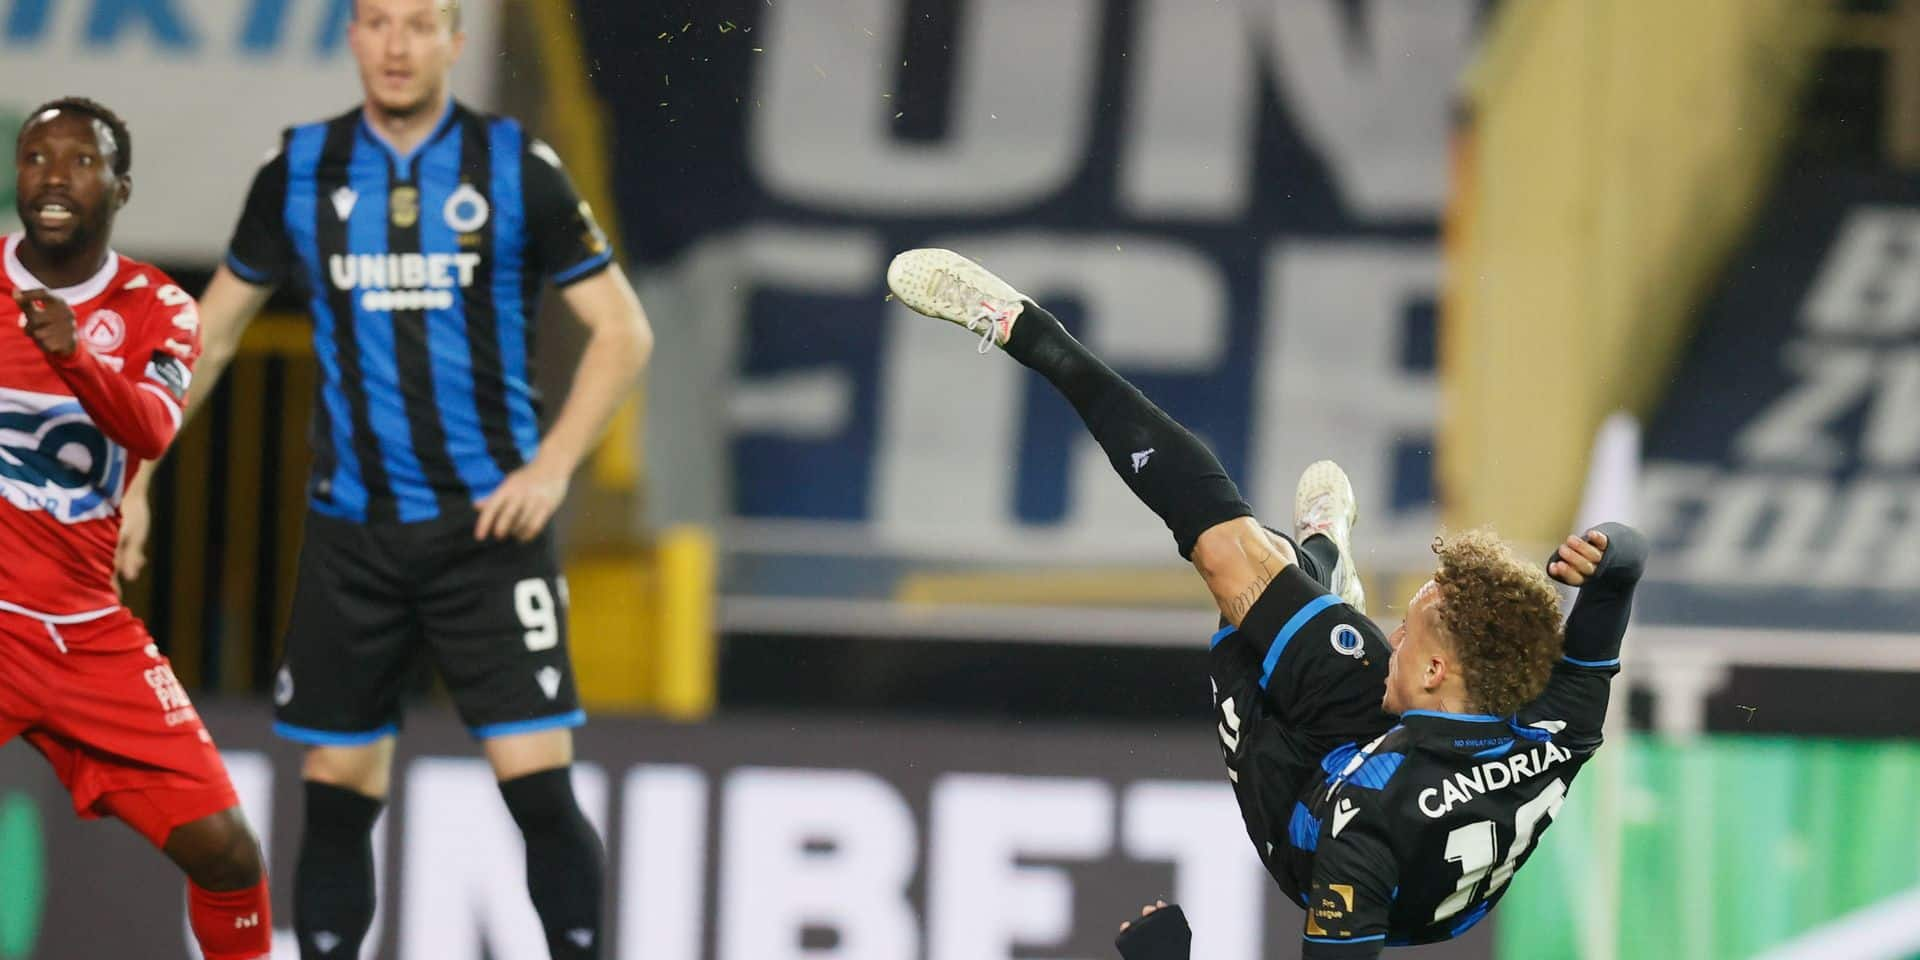 Une victoire à domicile qui ne rassure pas les Brugeois avant Dortmund